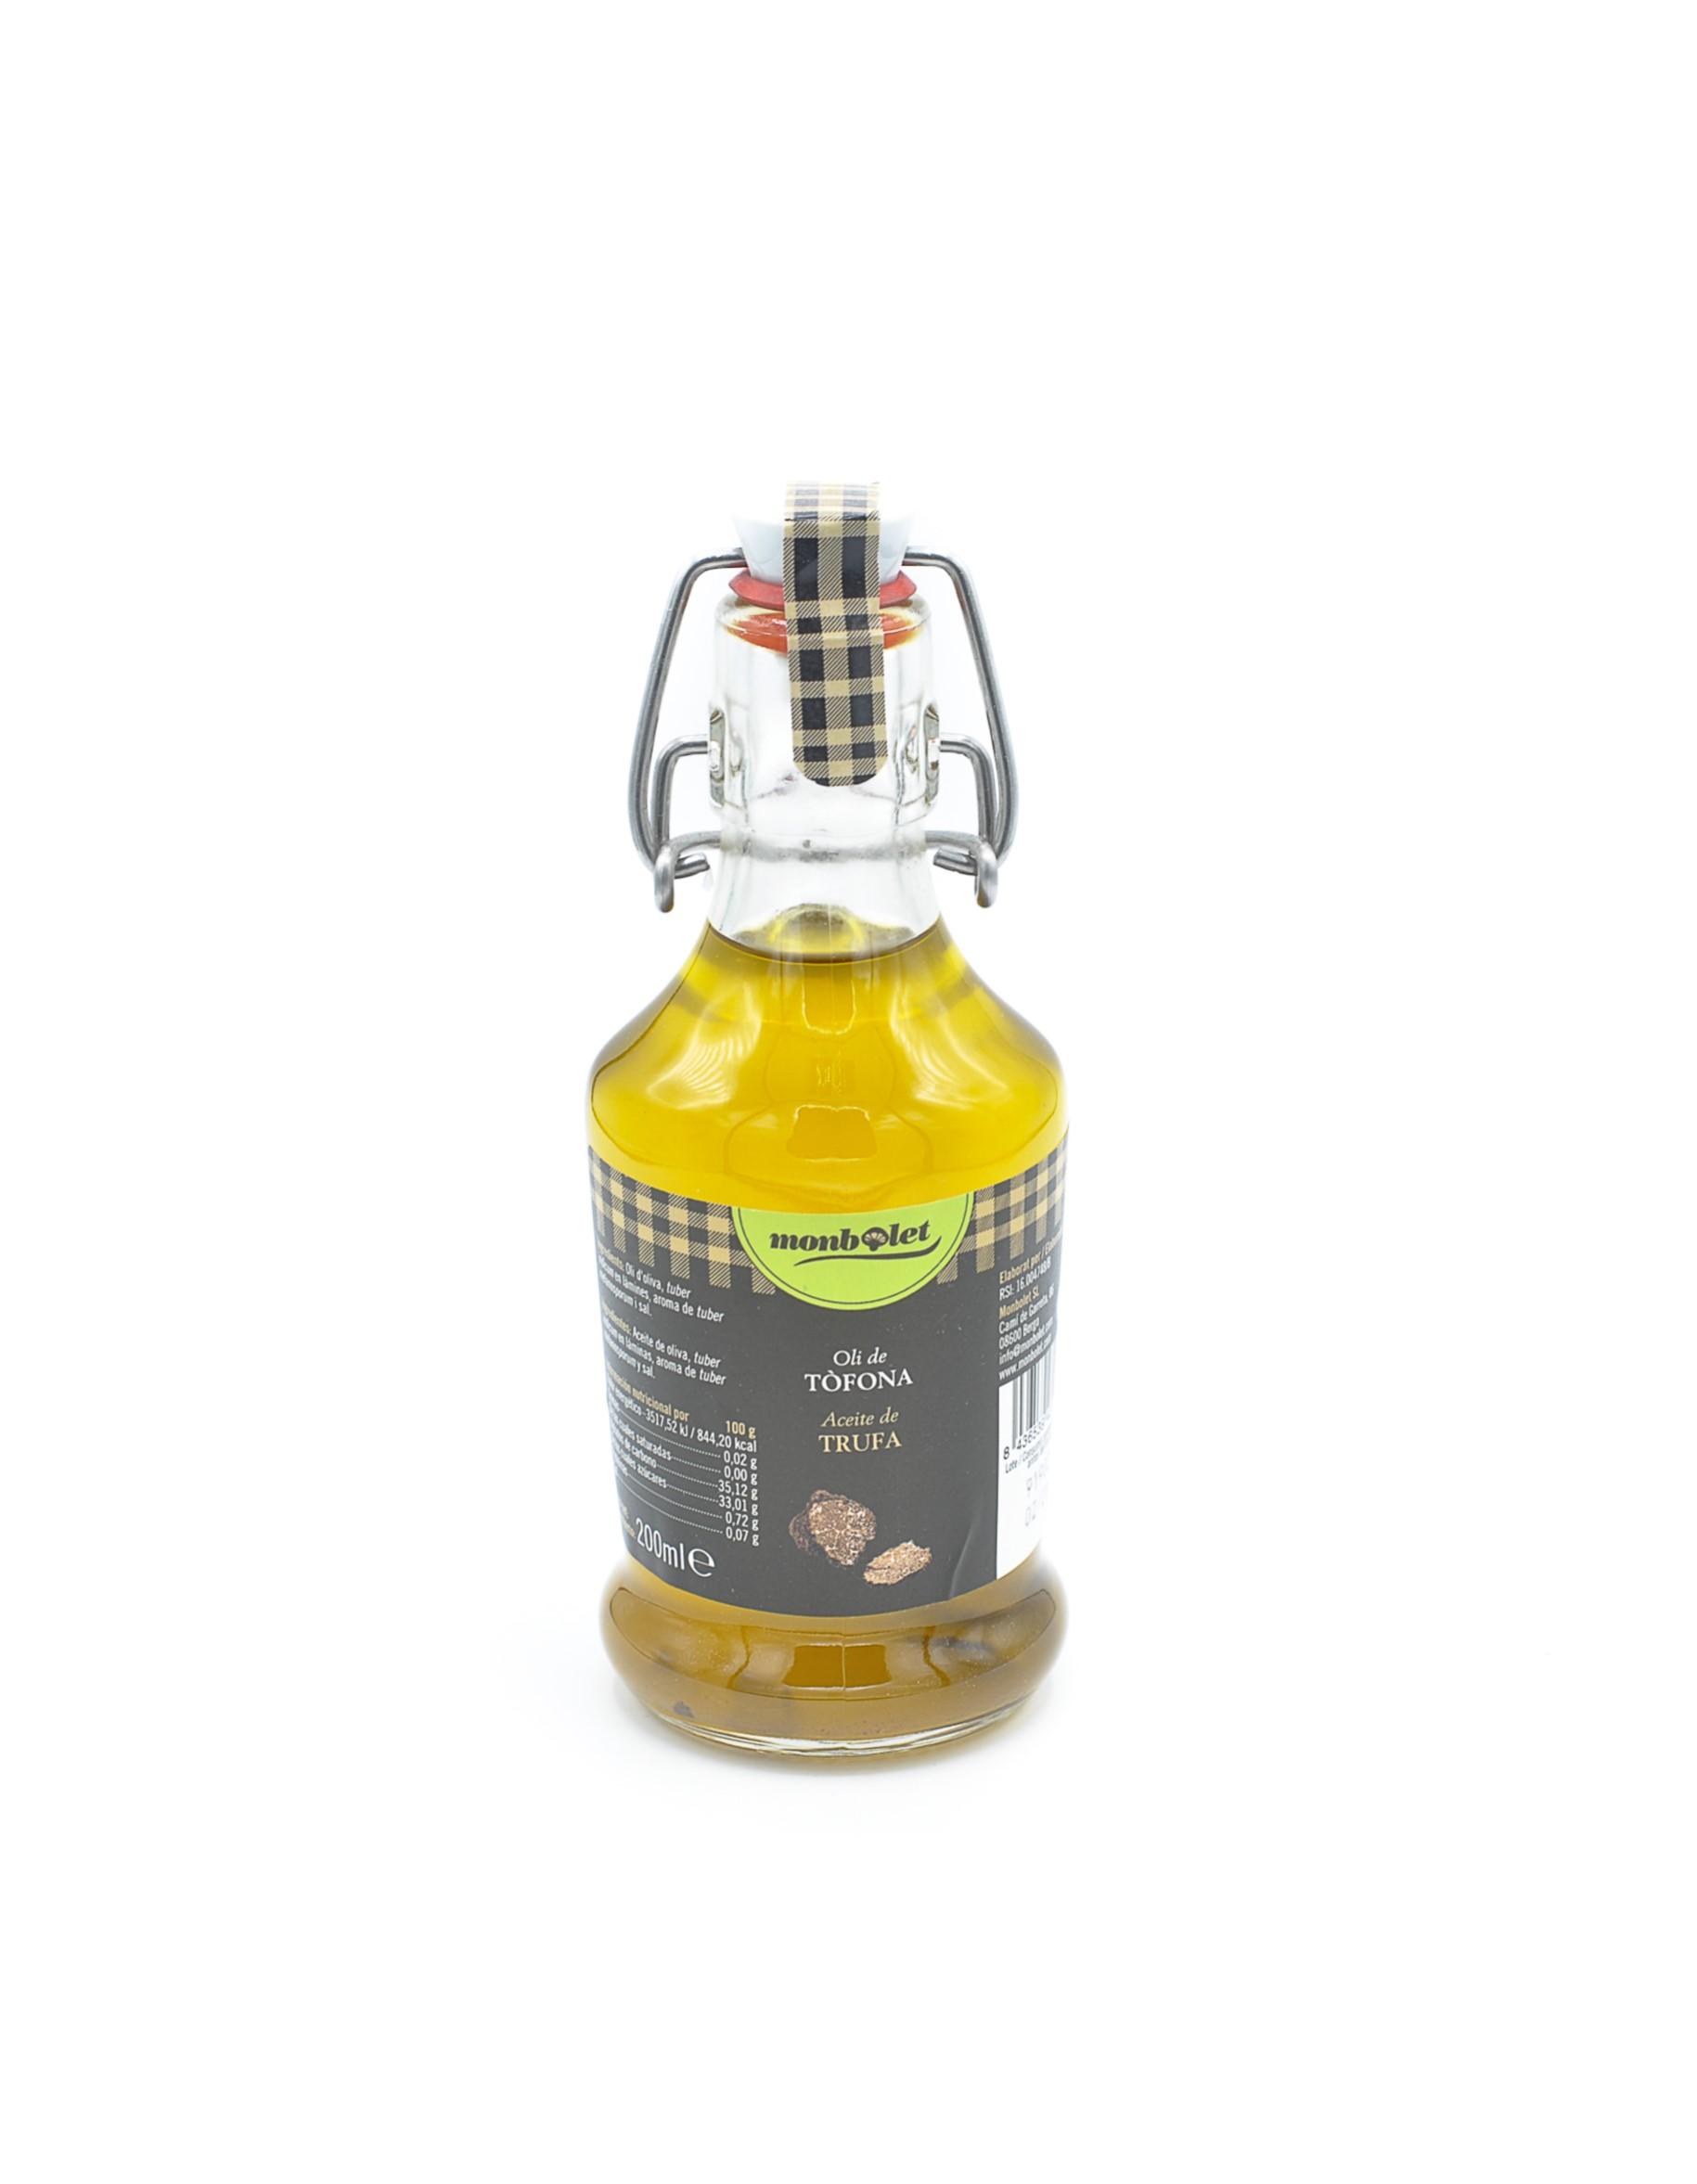 Oli de tòfona 200 ml